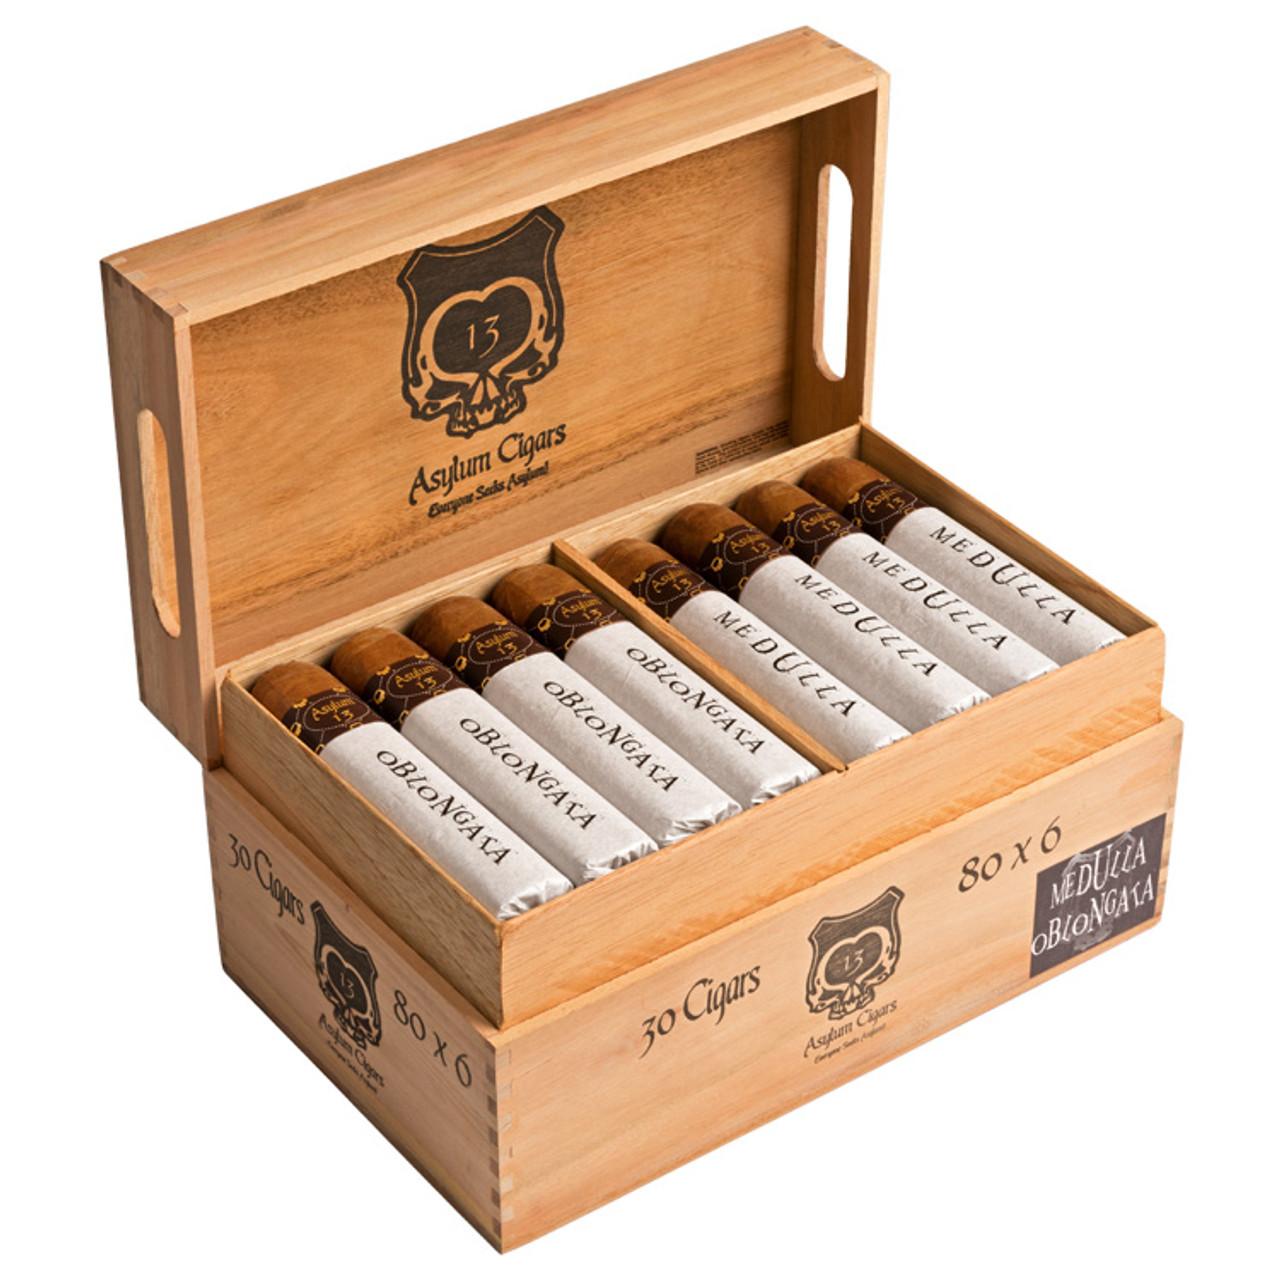 Asylum 13 Medulla Oblongata 80 X 6 Cigars - 6 x 80 (Box of 50)